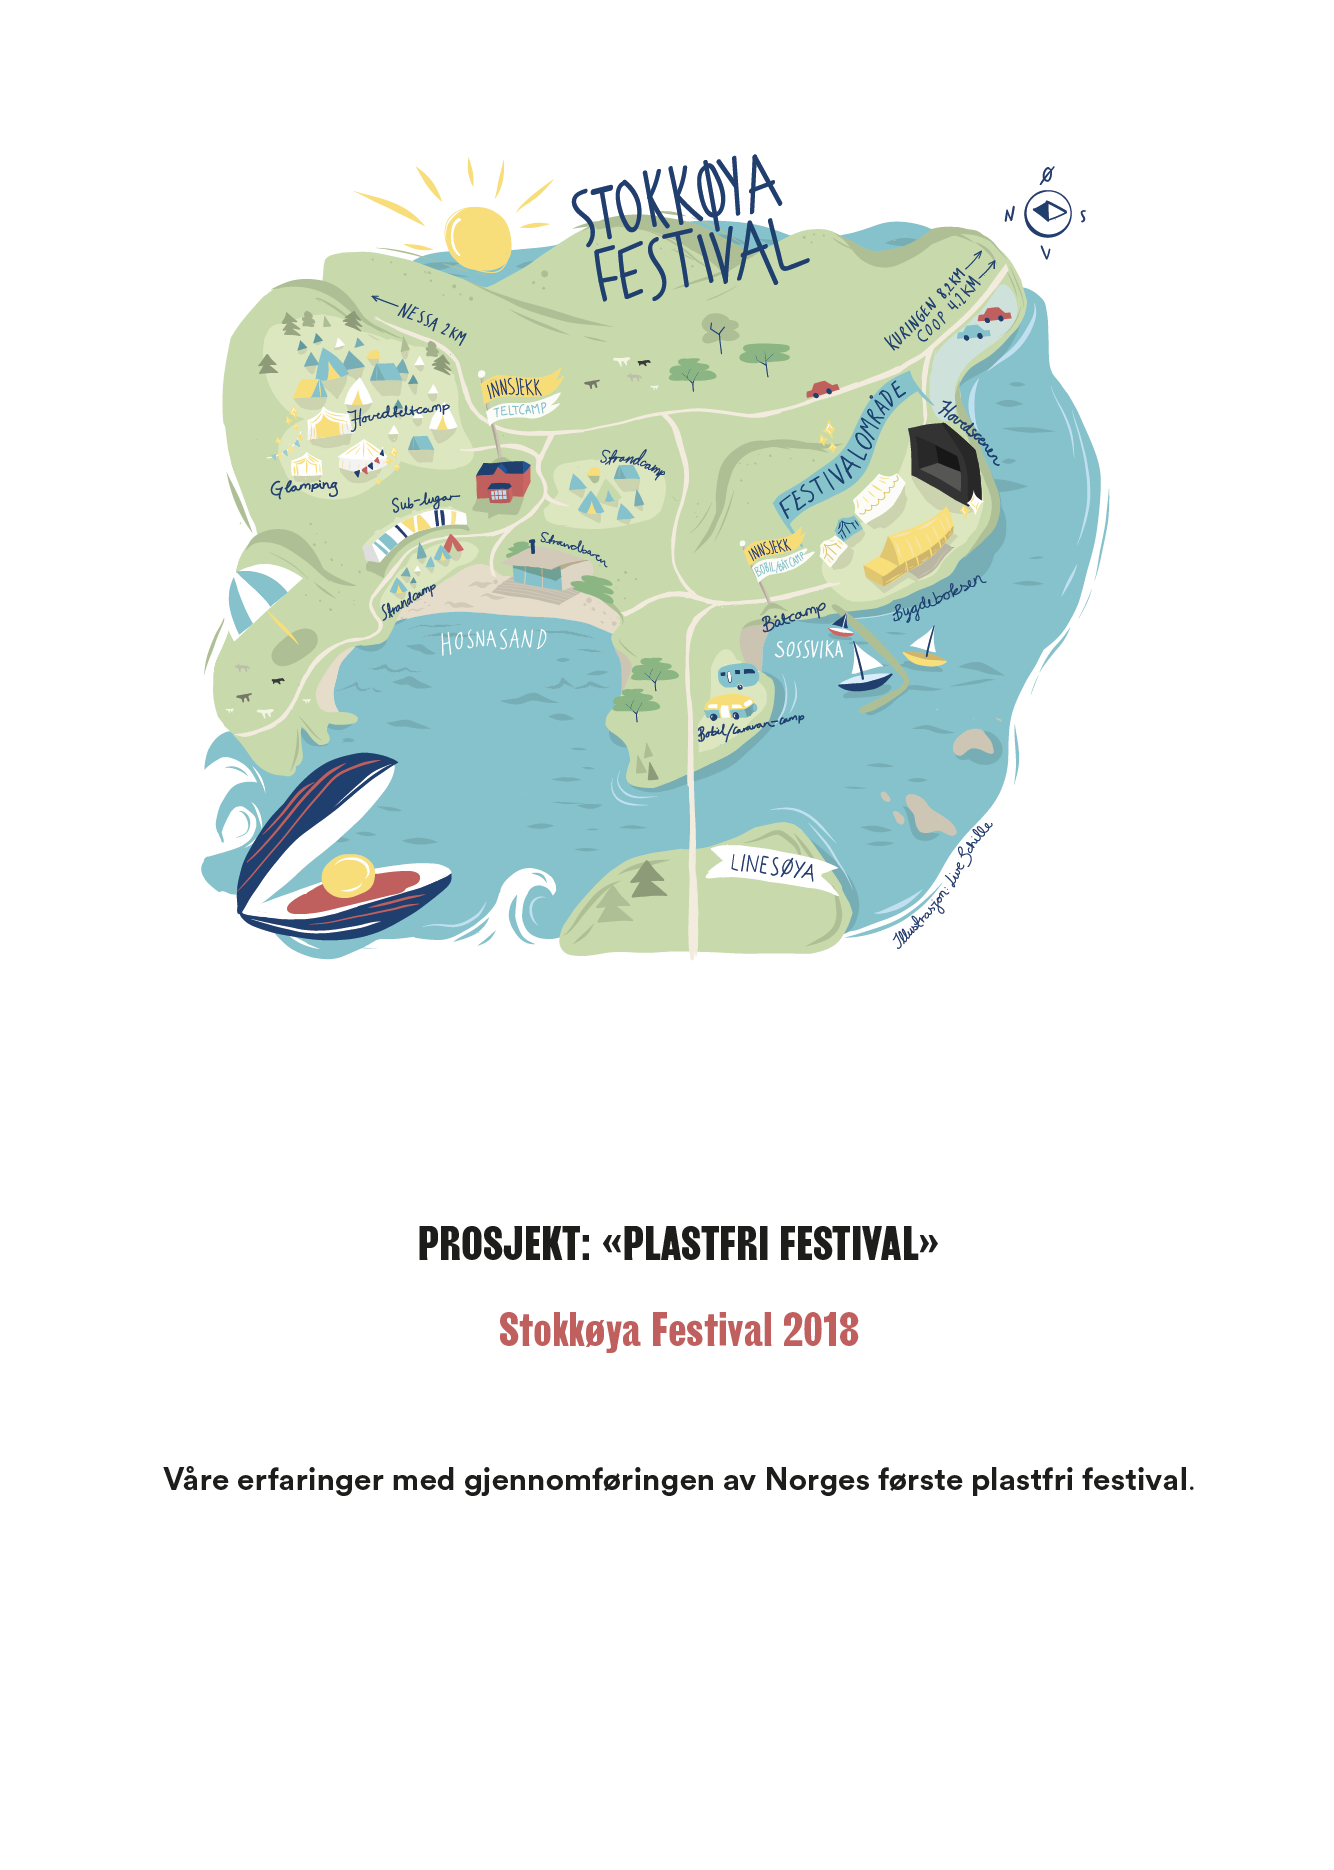 Plastfri festival - er det mulig? Stokkøyafestivalen